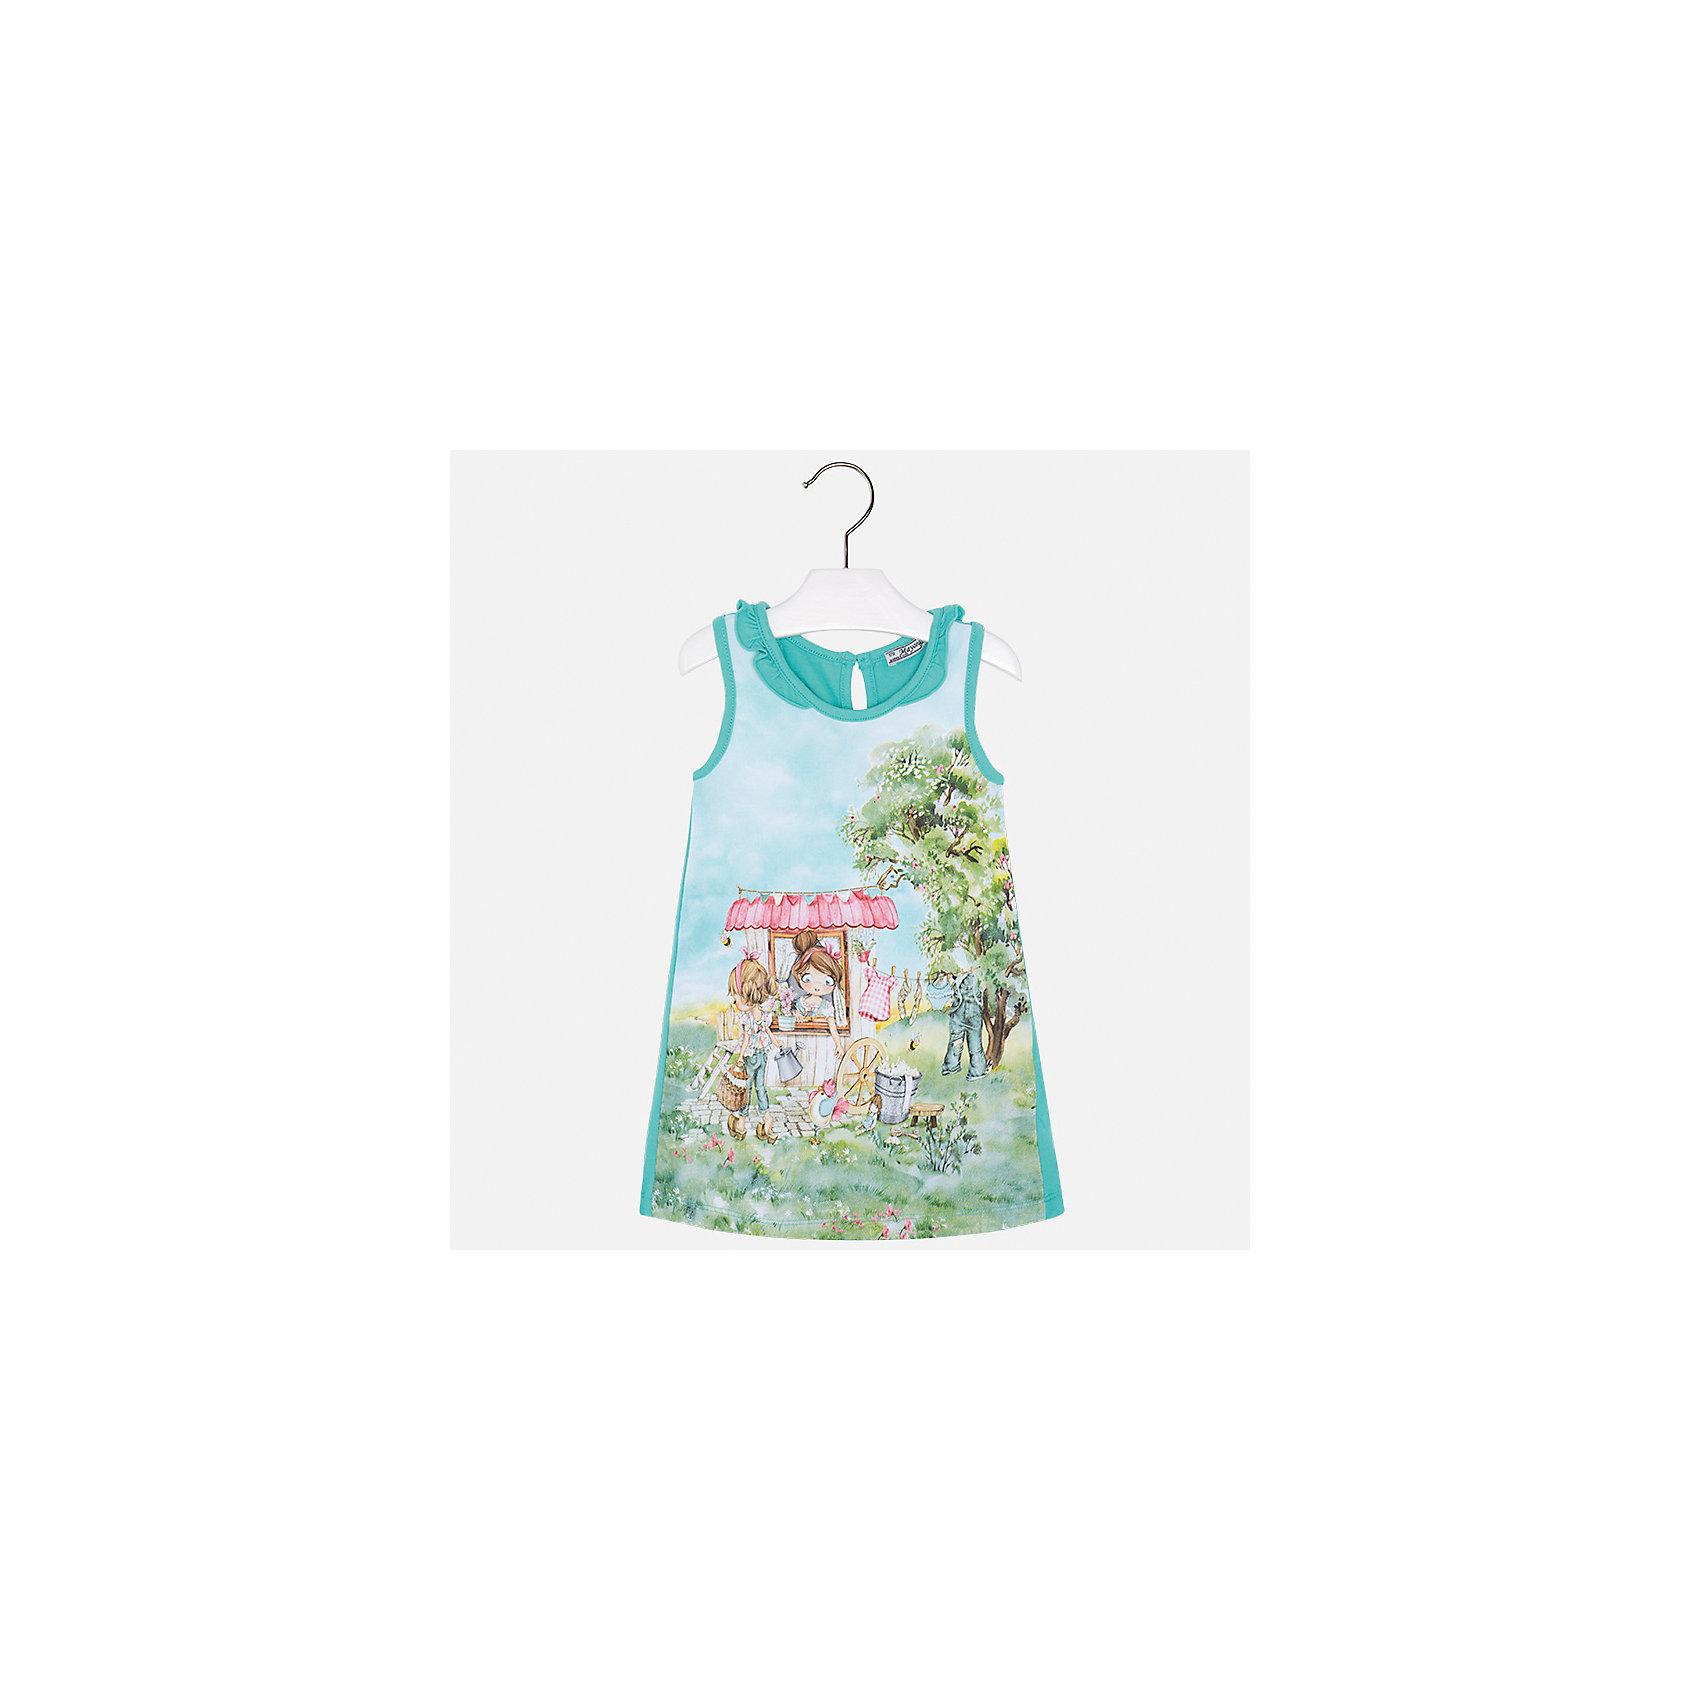 Платье для девочки MayoralПлатья и сарафаны<br>Характеристики товара:<br><br>• цвет: зеленый<br>• состав: 95% хлопок, 5% эластан<br>• застежка: пуговица<br>• комбинированный материал<br>• без рукавов<br>• декорировано принтом<br>• страна бренда: Испания<br><br>Стильное платье для девочки поможет разнообразить гардероб ребенка и создать эффектный наряд. Оно подойдет для различных случаев. Красивый оттенок позволяет подобрать к вещи обувь разных расцветок. Платье хорошо сидит по фигуре. В составе материала - натуральный хлопок, гипоаллергенный, приятный на ощупь, дышащий.<br><br>Одежда, обувь и аксессуары от испанского бренда Mayoral полюбились детям и взрослым по всему миру. Модели этой марки - стильные и удобные. Для их производства используются только безопасные, качественные материалы и фурнитура. Порадуйте ребенка модными и красивыми вещами от Mayoral! <br><br>Платье для девочки от испанского бренда Mayoral (Майорал) можно купить в нашем интернет-магазине.<br><br>Ширина мм: 236<br>Глубина мм: 16<br>Высота мм: 184<br>Вес г: 177<br>Цвет: синий<br>Возраст от месяцев: 24<br>Возраст до месяцев: 36<br>Пол: Женский<br>Возраст: Детский<br>Размер: 98,134,92,104,110,116,122,128<br>SKU: 5300663